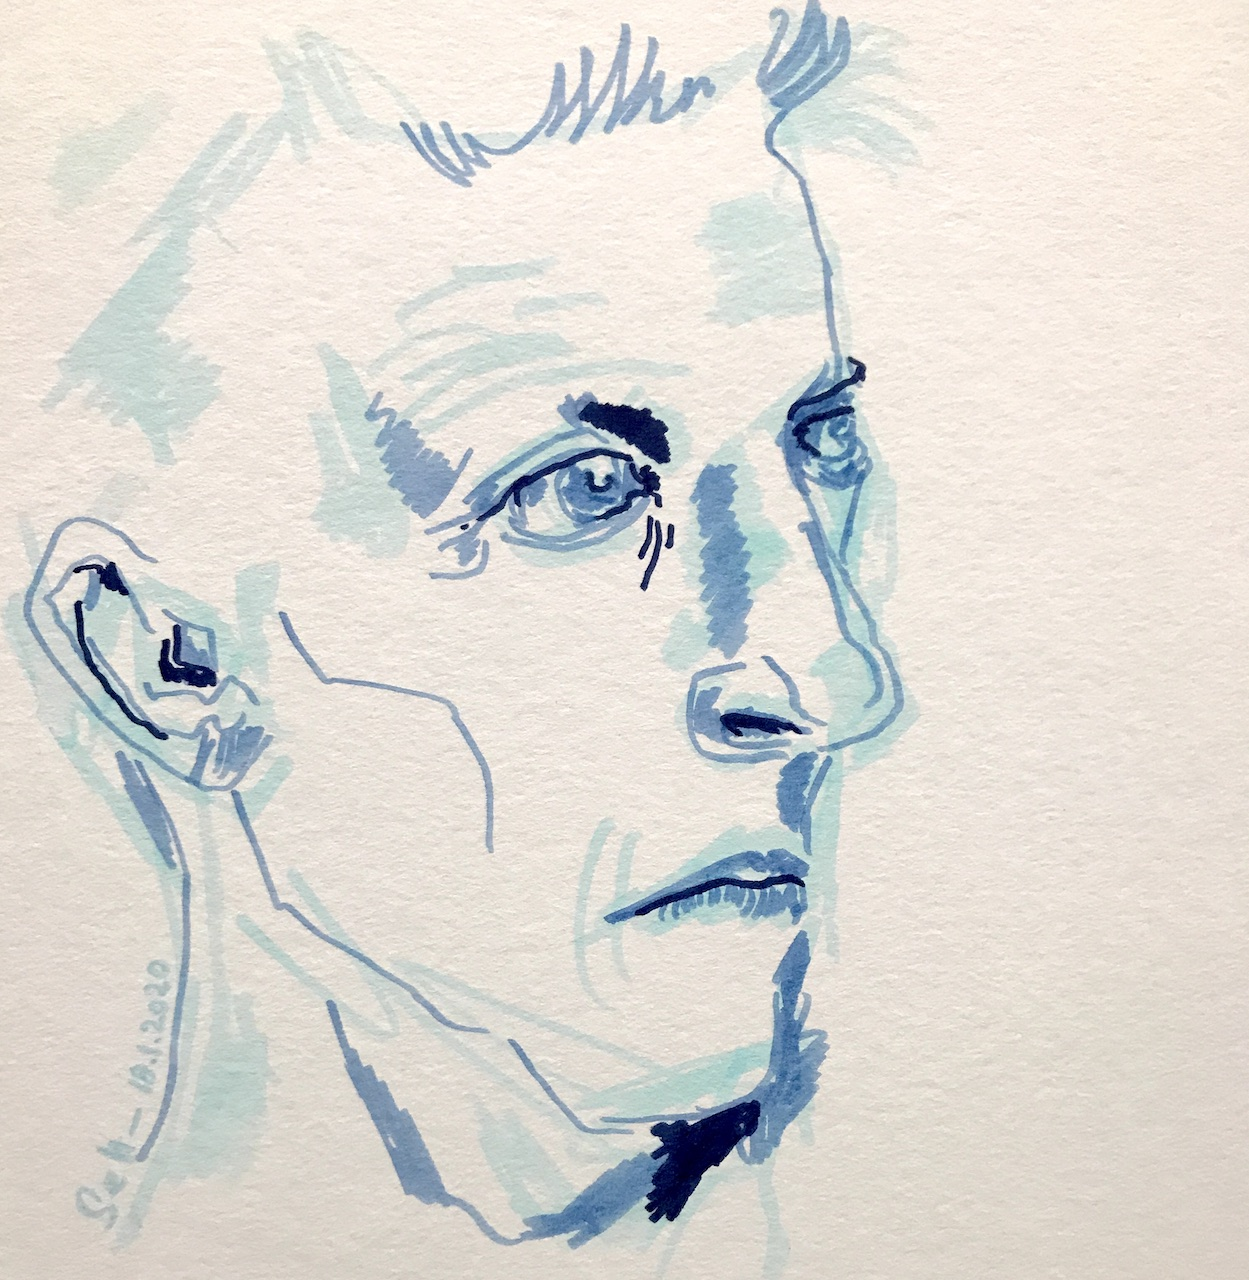 Wittgenstein, Marker auf Aqauarellkarton, 25 x 25 cm, 2020 (c) Zeichnung von Susanne Haun